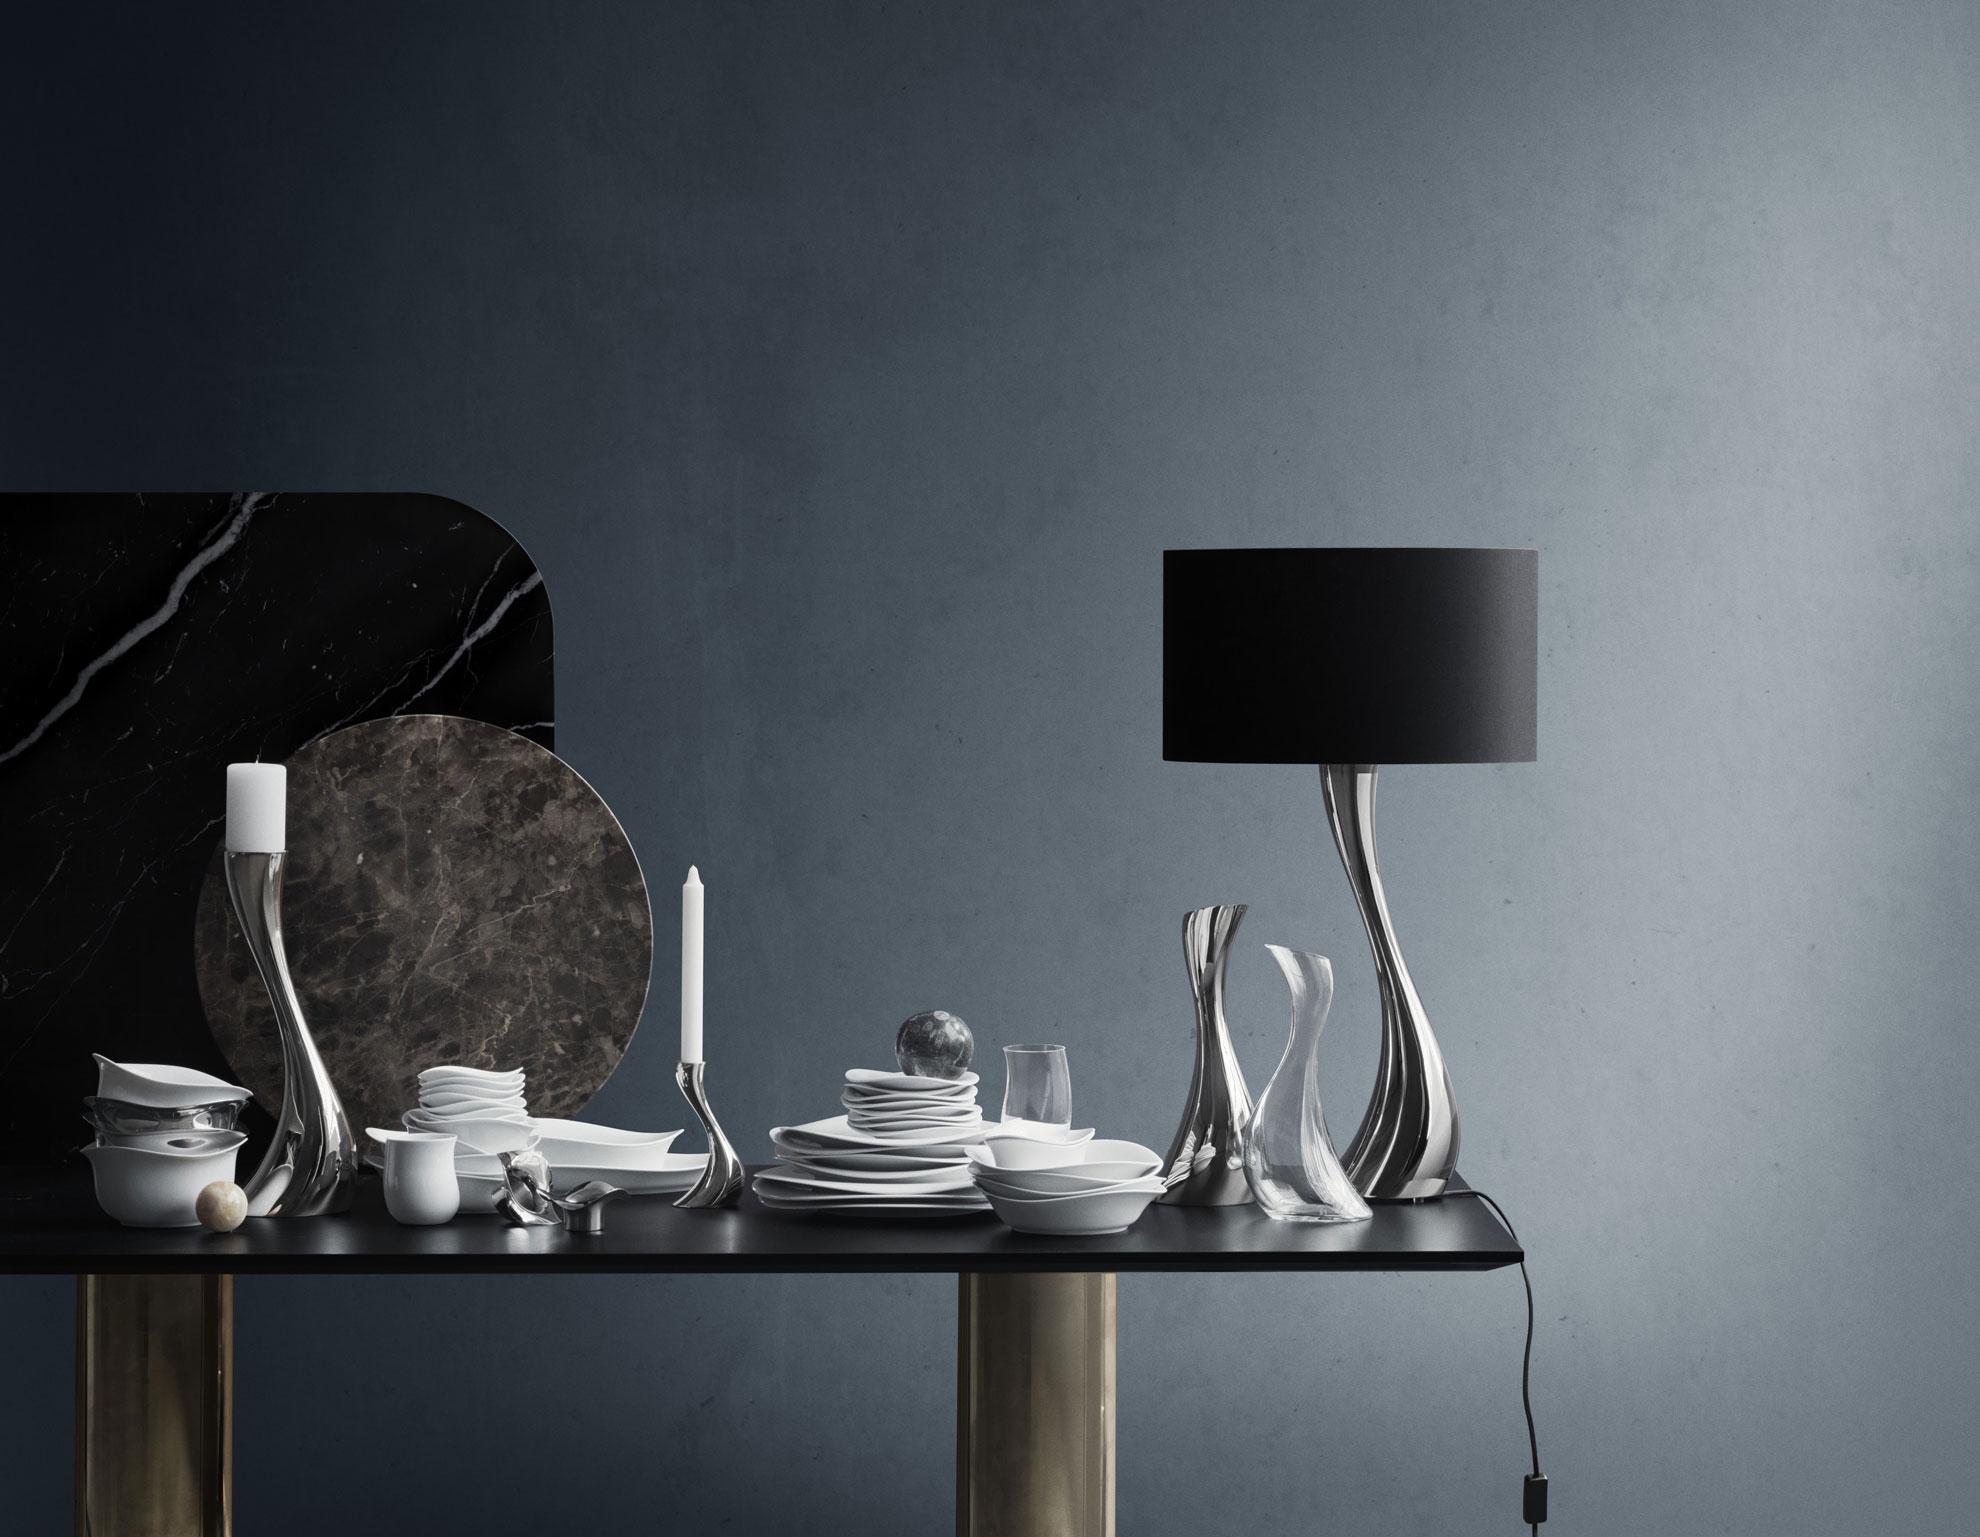 Georg Jensen - Modello Cobra, lampada da tavolo che con la sua forma fluida e scultorea regala un grande impatto da ogni angolazione